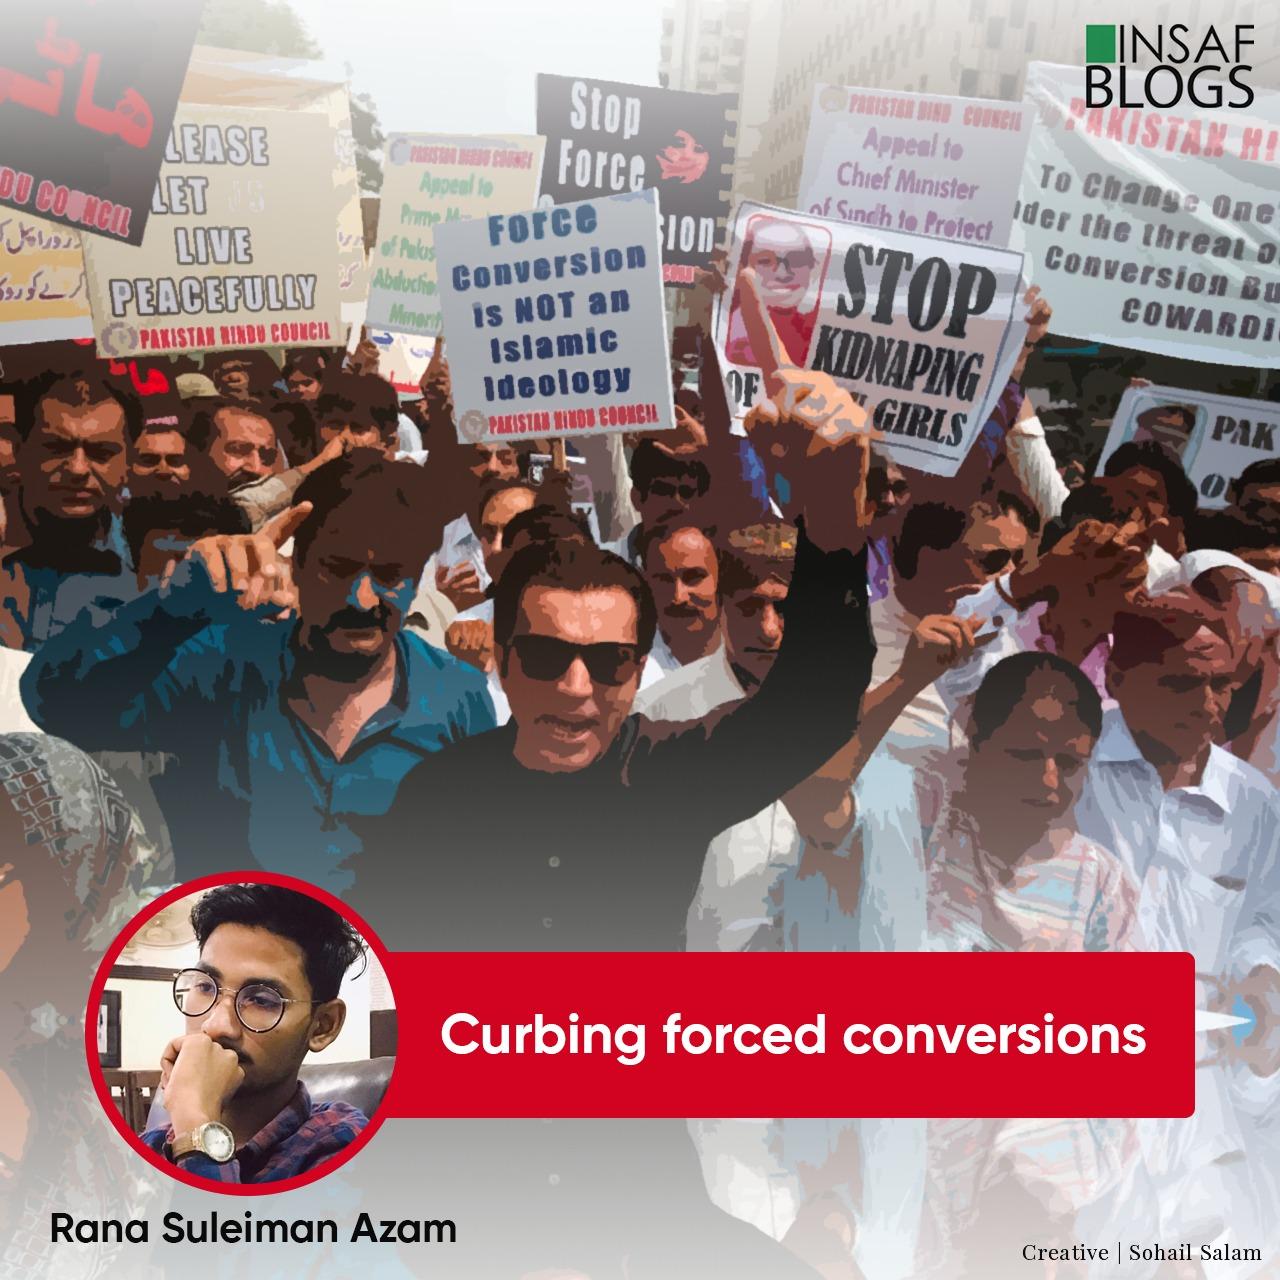 Curbing Forced Covnersions - Insaf Blog